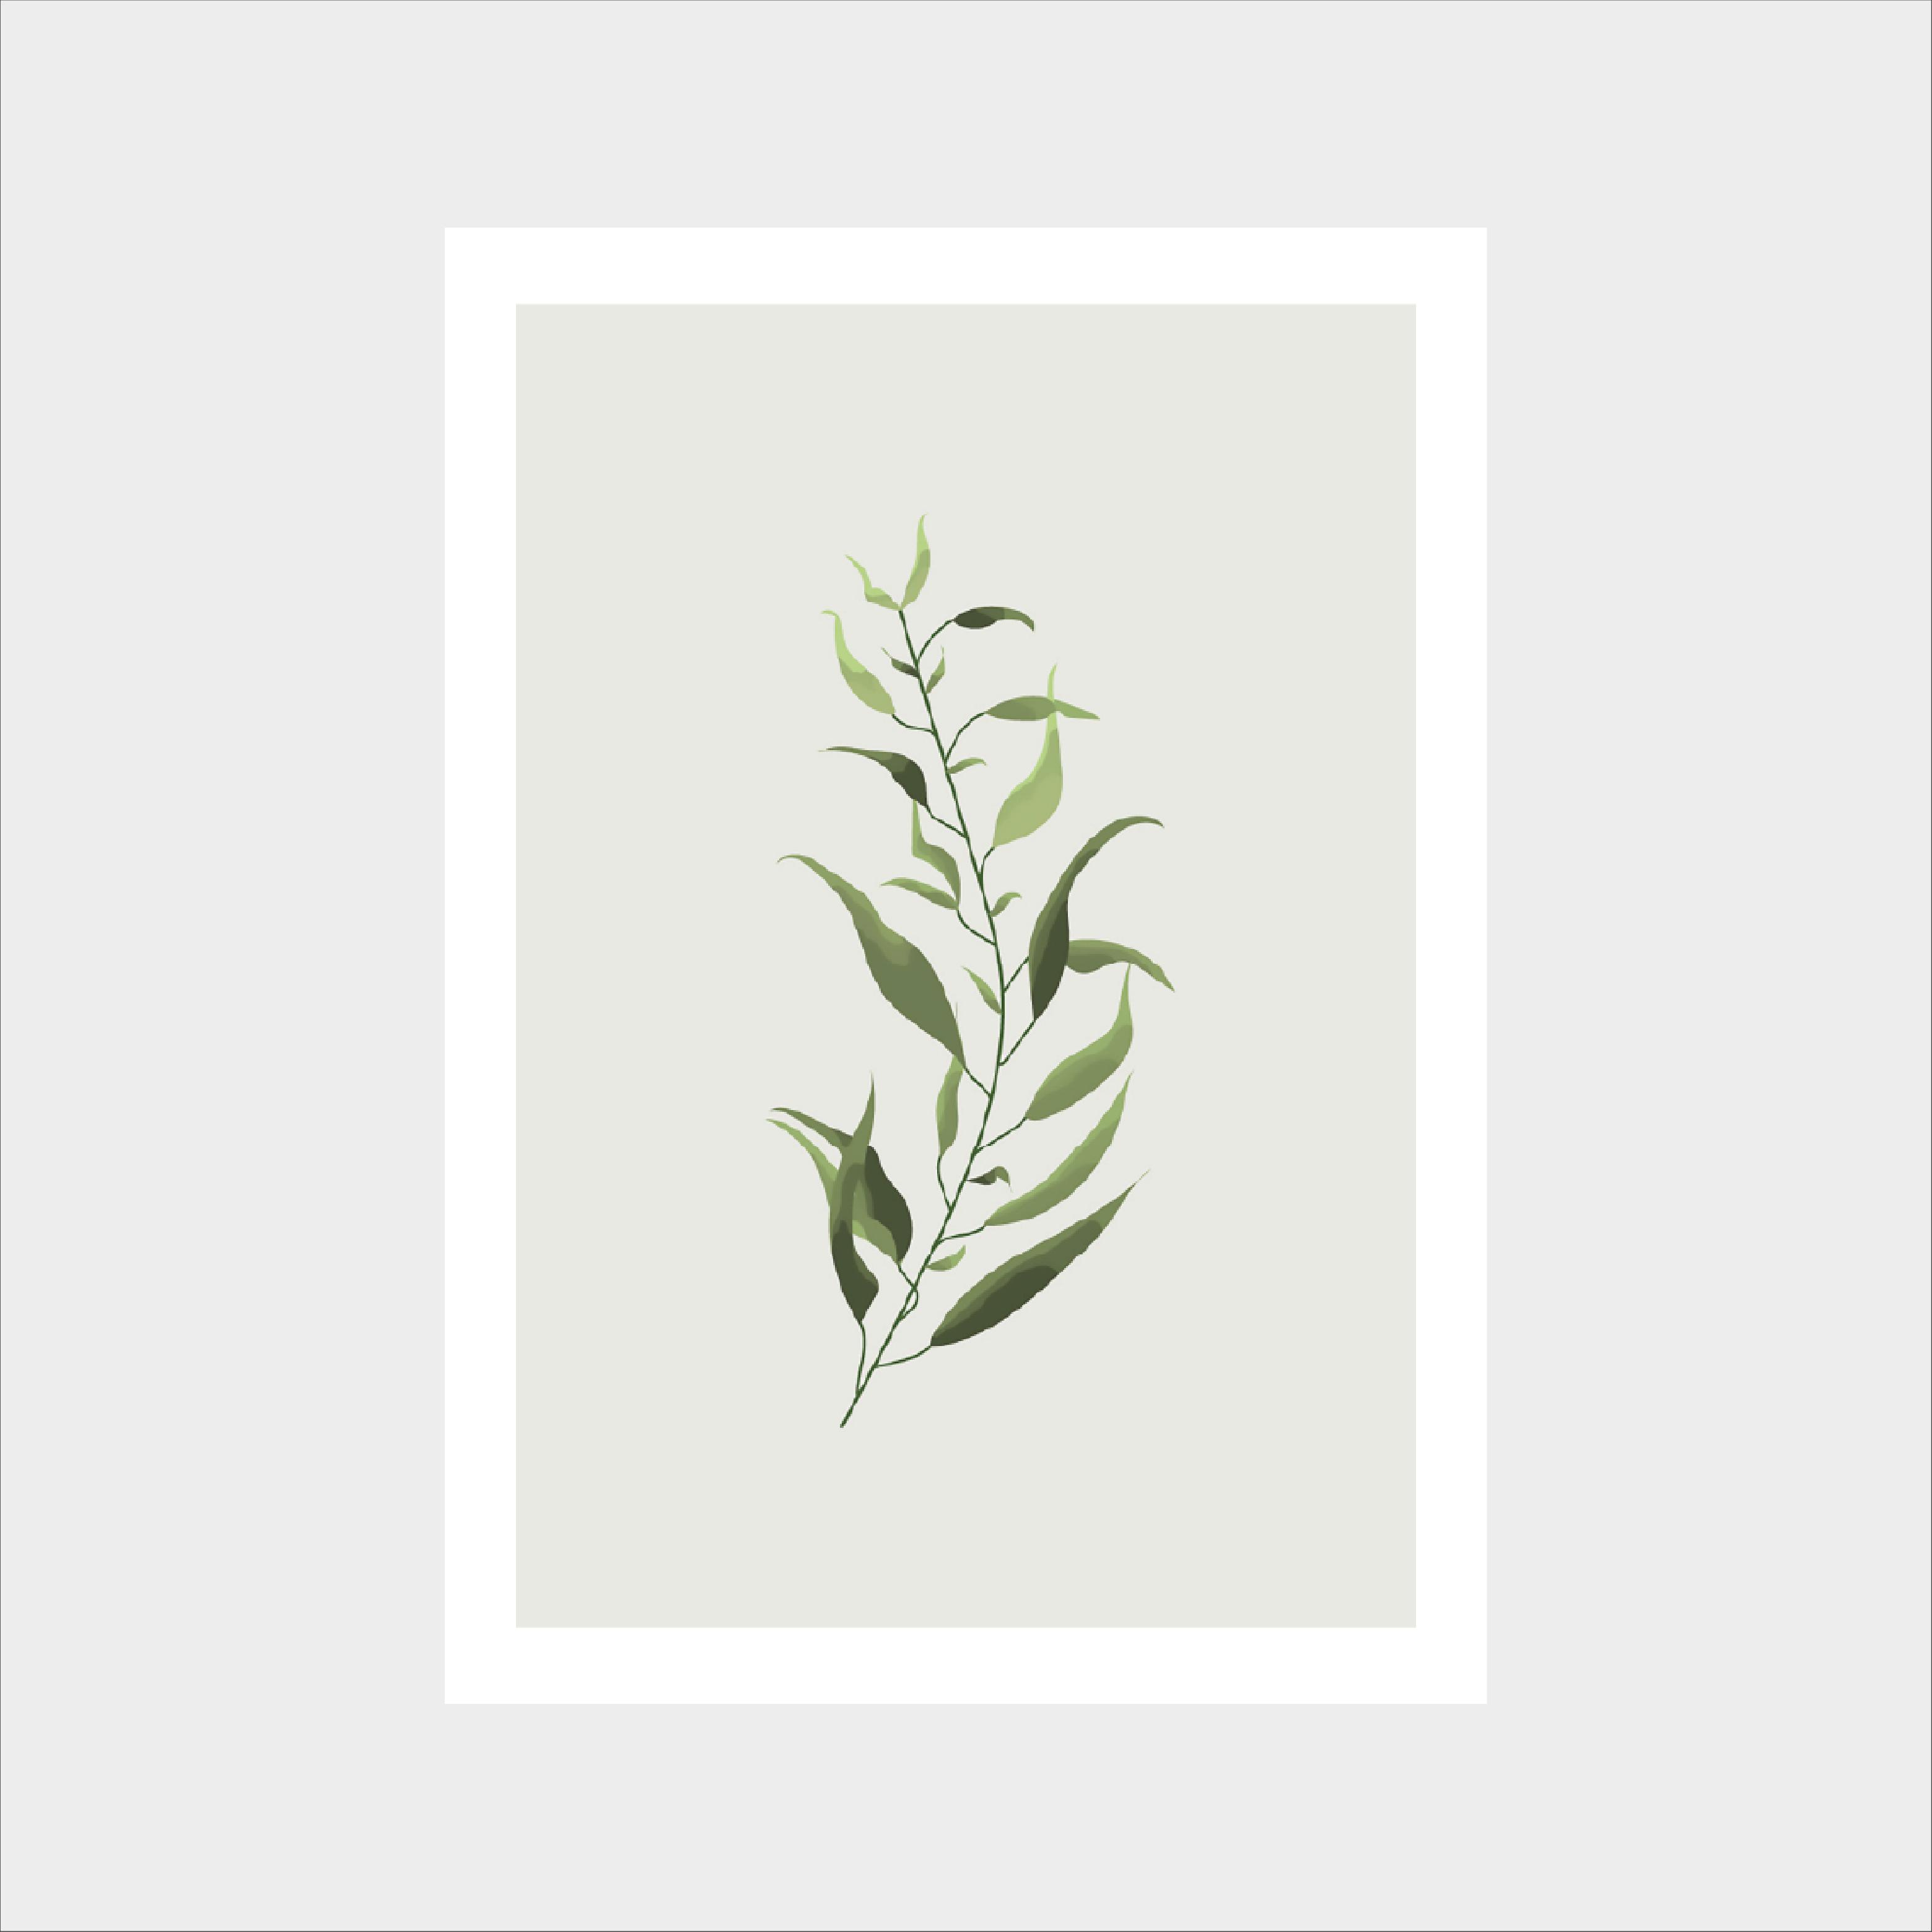 Zestaw 4 plakatów z roślinami, każdy w rozmiarze A4. Rośliny malowane są akwarelą. Plakaty oprawione w białe ramki, gotowe do powieszenia na ścianę.plakat rośliny w ramce vintage-schabby-chick skandynawski plakat botaniczny